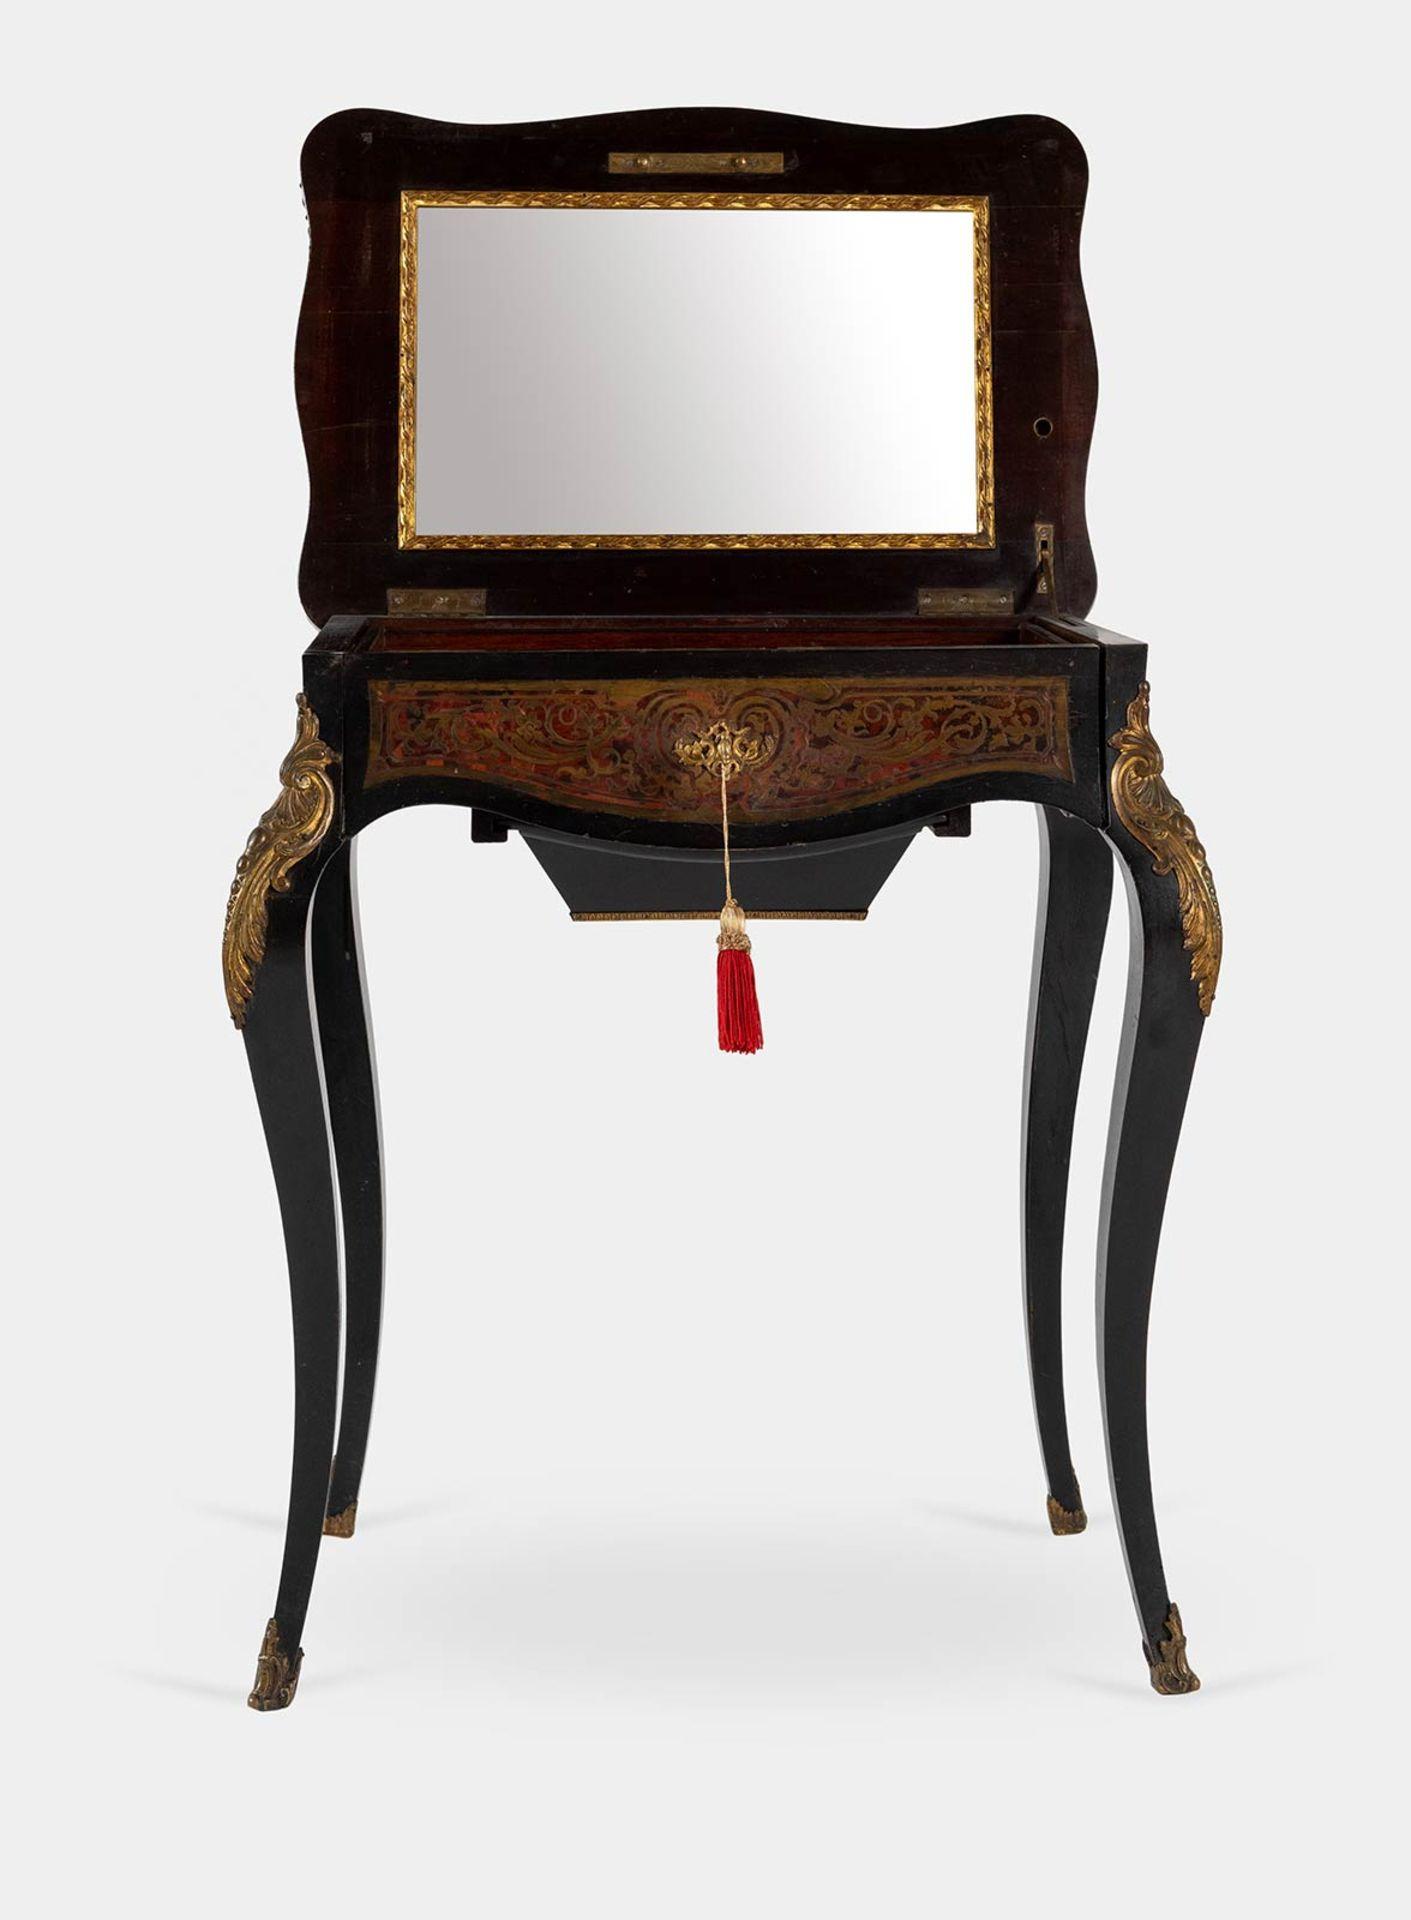 Los 58 - Tavolino in stile Boulle, fine del XIX - inizio del XX sec.